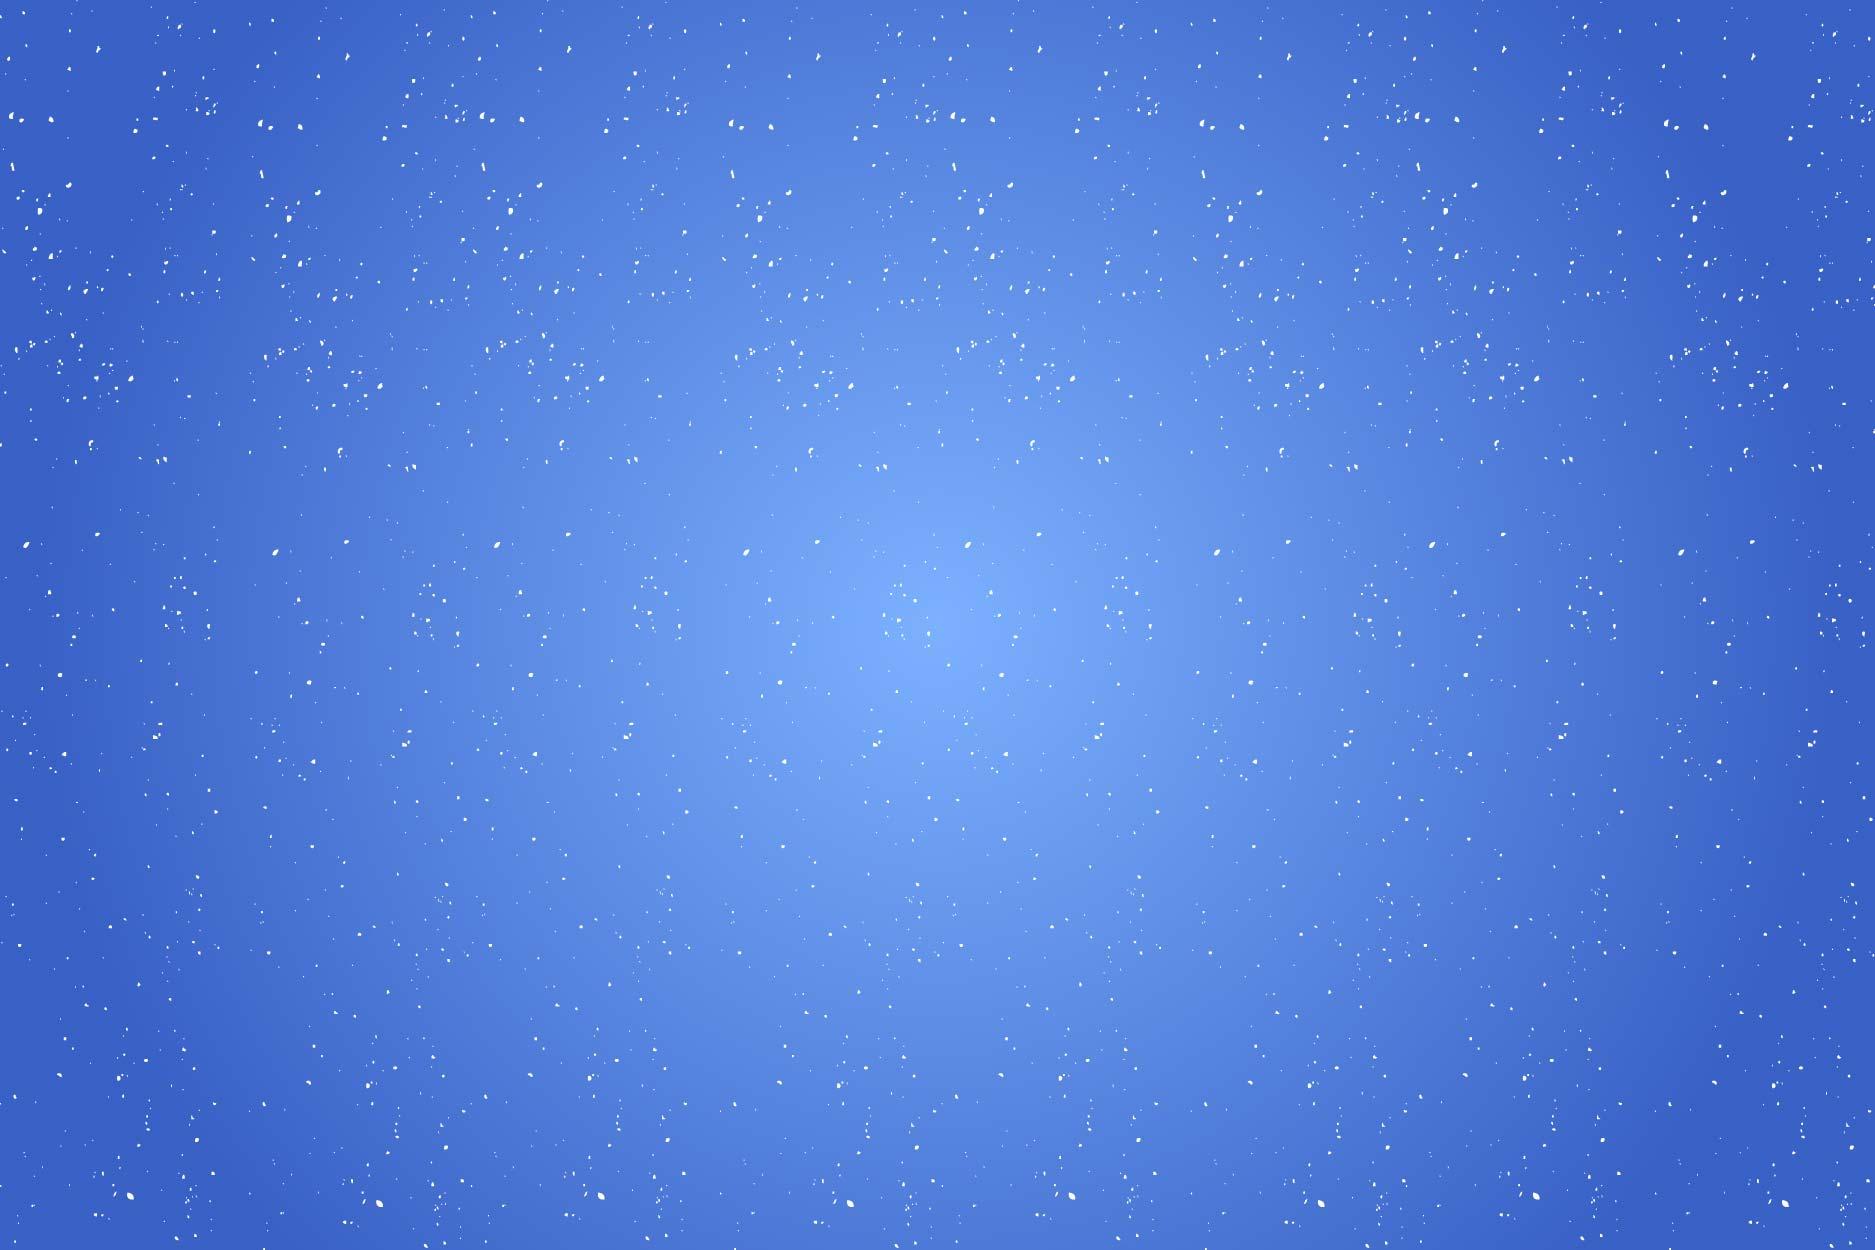 azul-2020